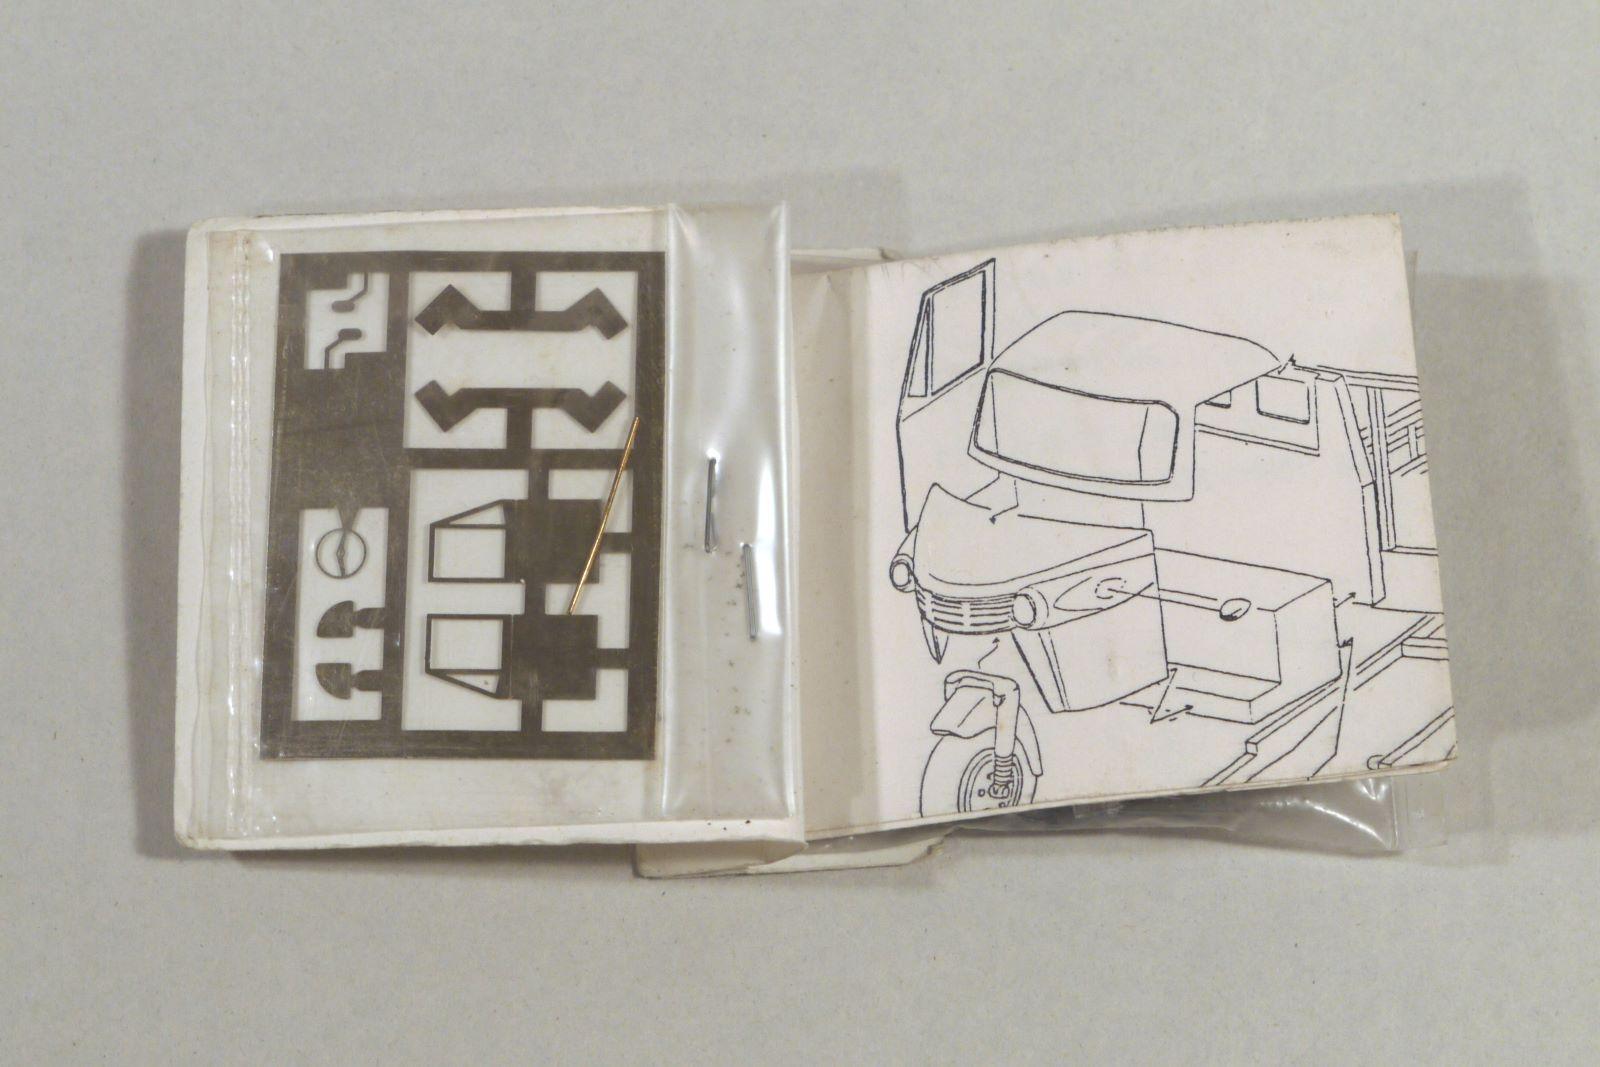 a16_trim_re_P1090600_daihatsu.jpg